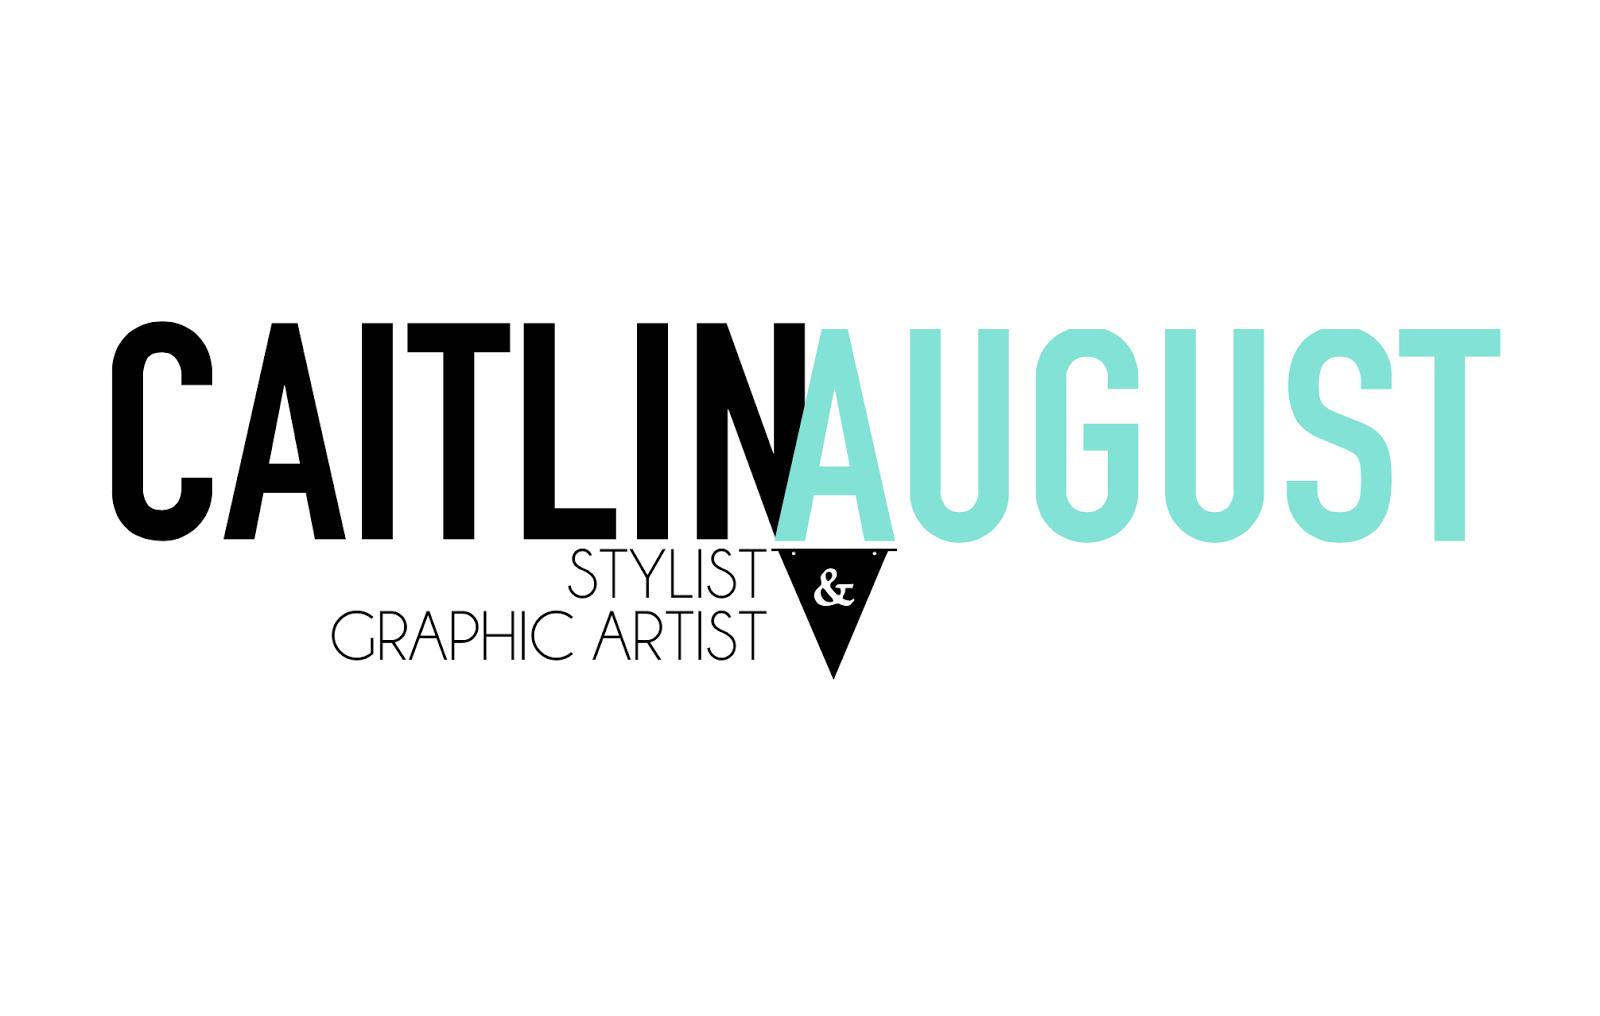 CAITLIN AUGUST